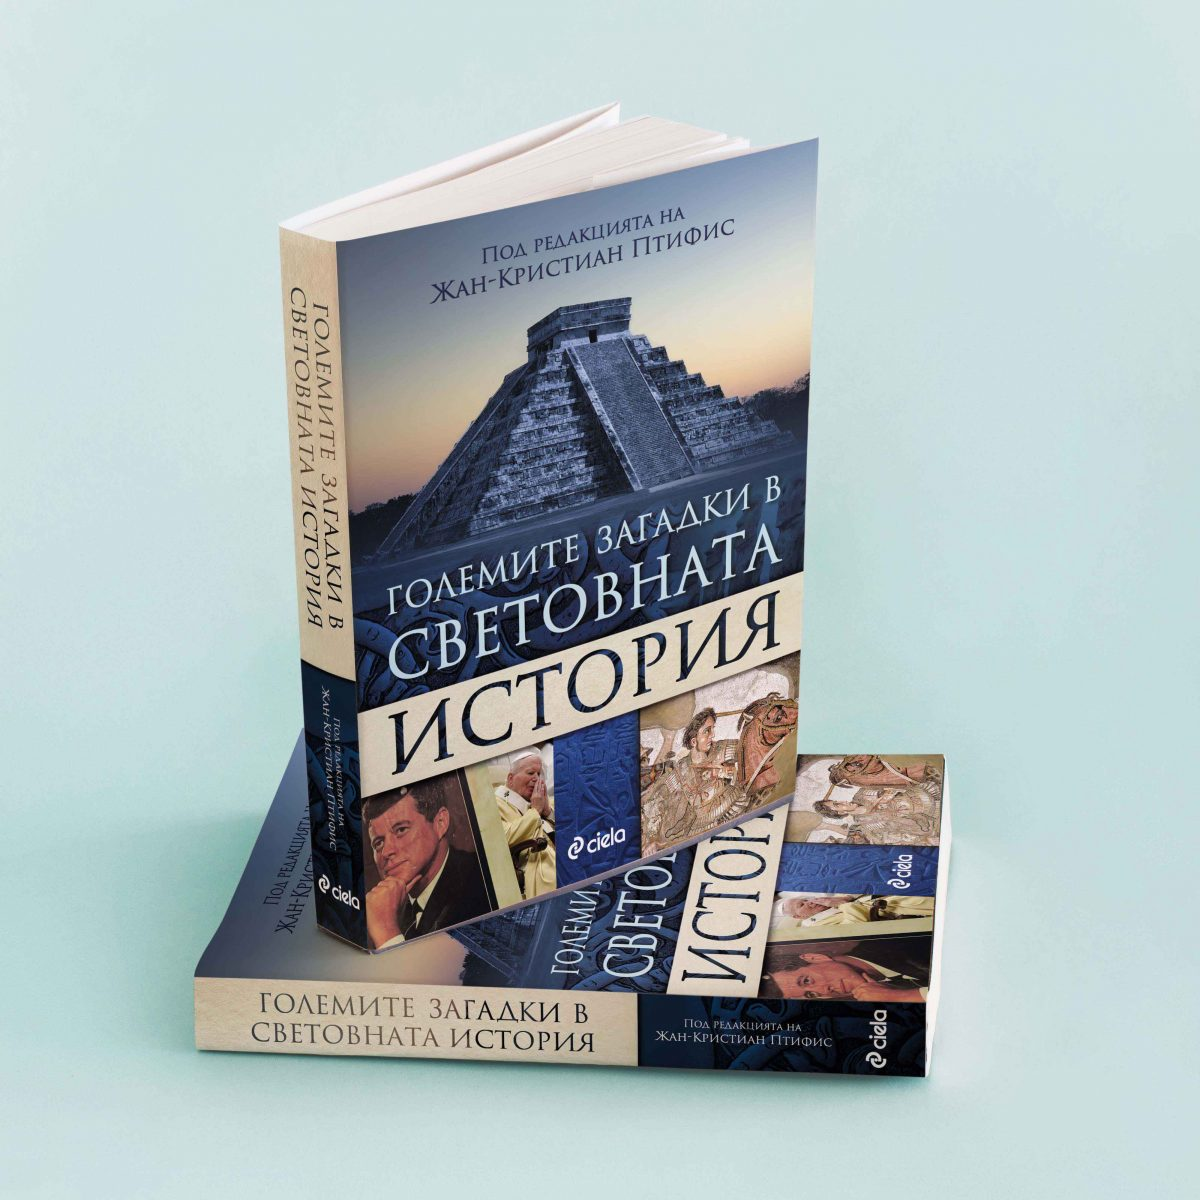 Големите загадки в световната история (корица)